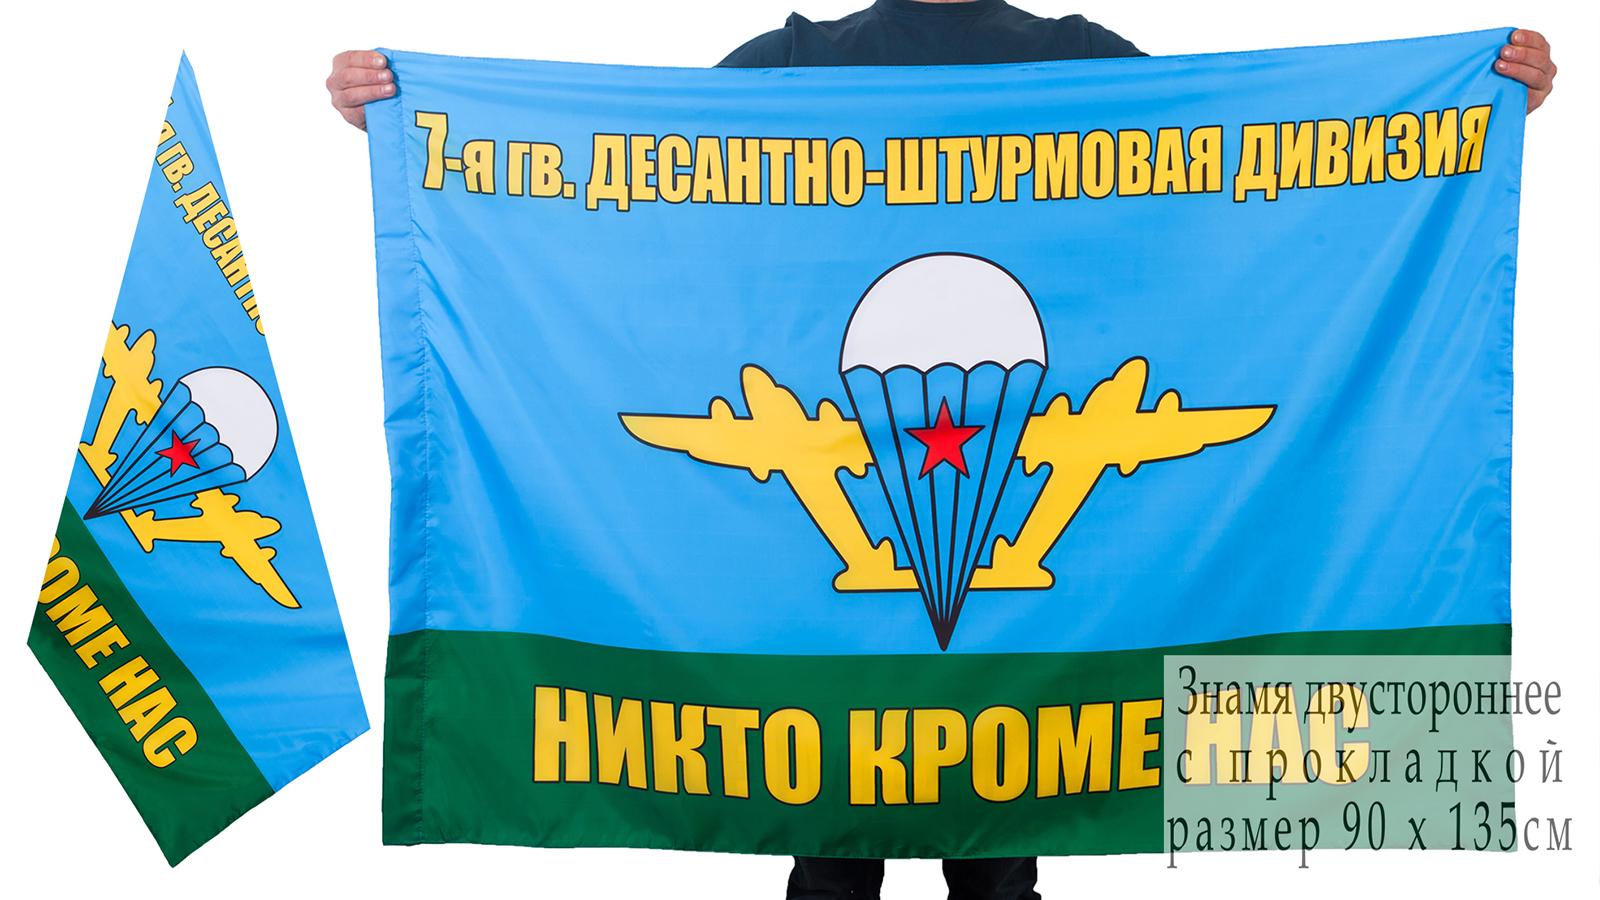 Флаг 7-й гв. десантно-штурмовой дивизии ВДВ